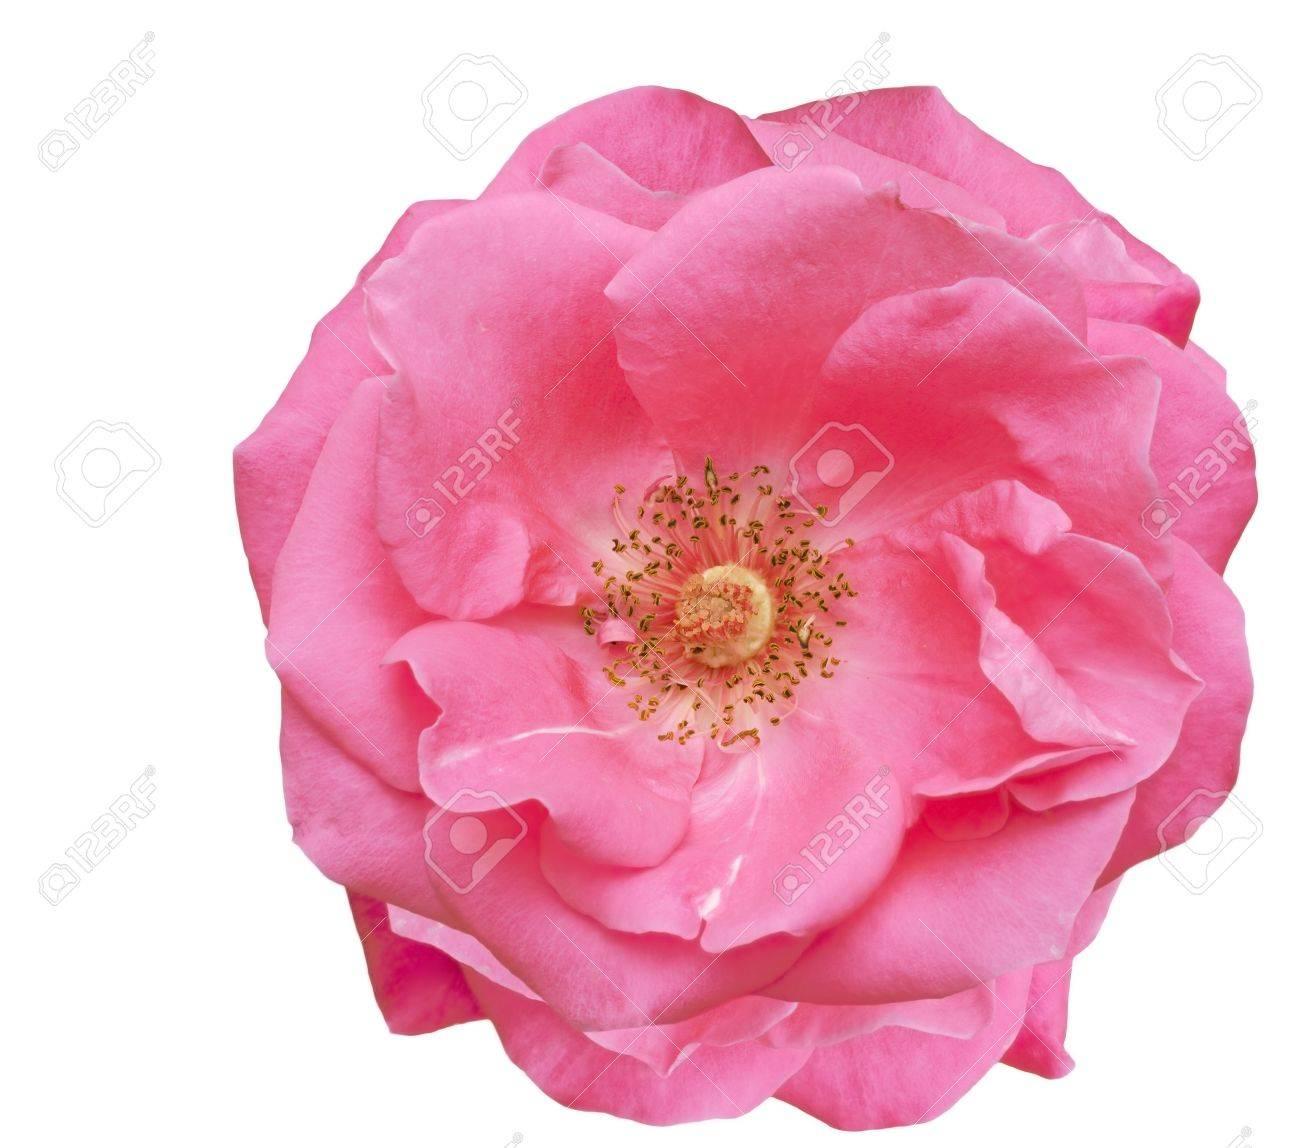 magnifique fleur rose rose unique, en le fleurs du printemps sur